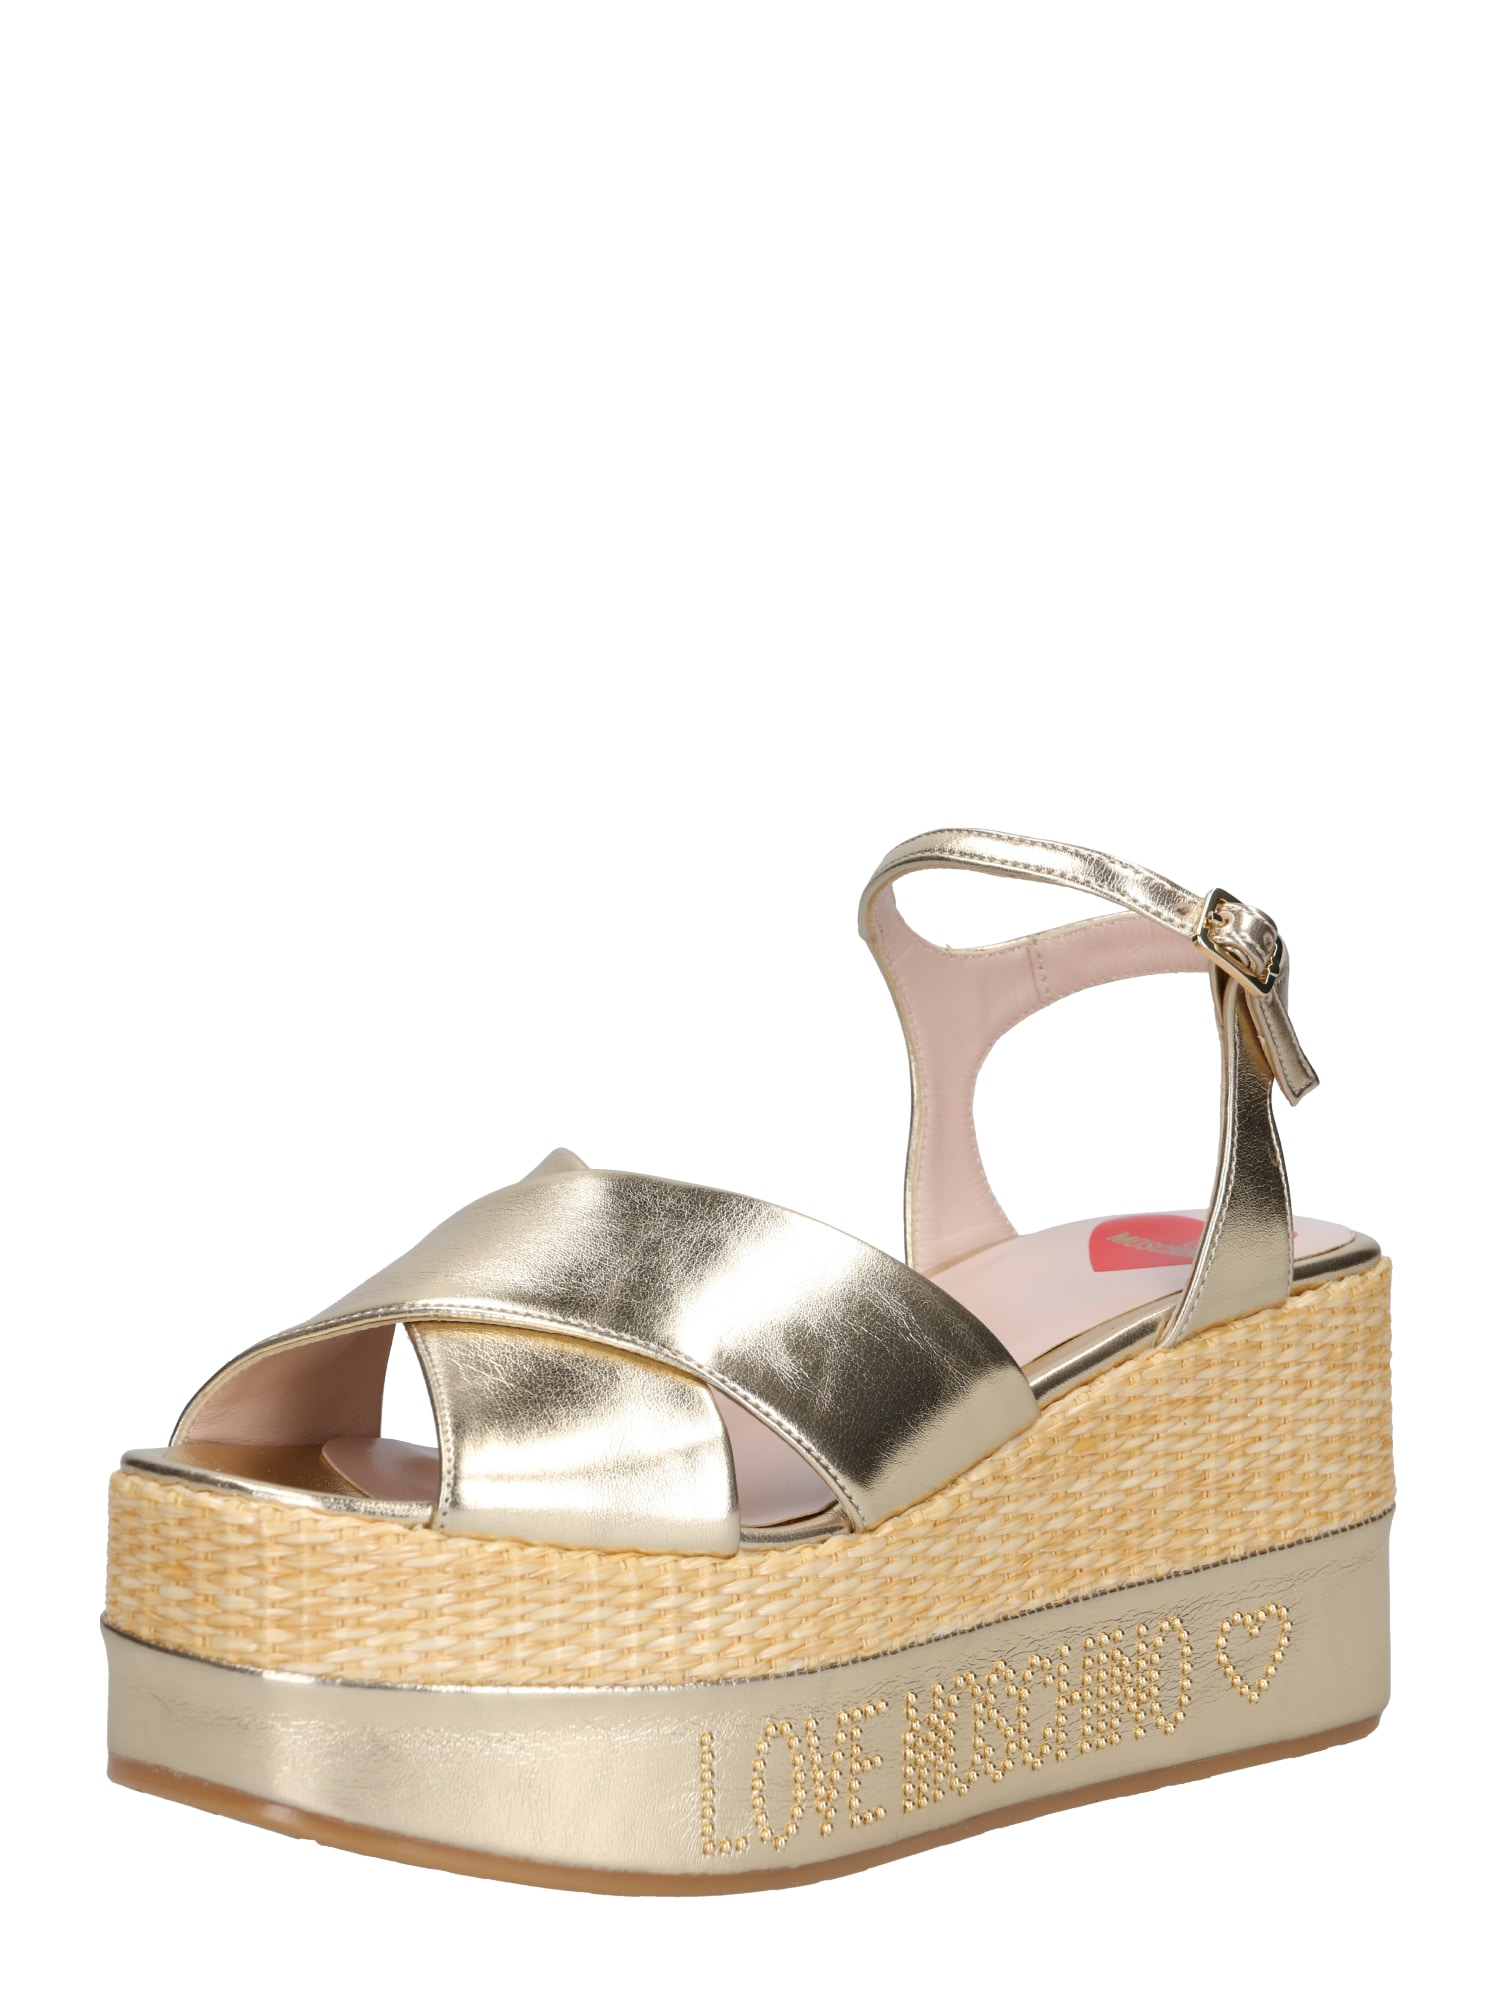 Páskové sandály JA16198IO7 JCP 900 zlatá Love Moschino